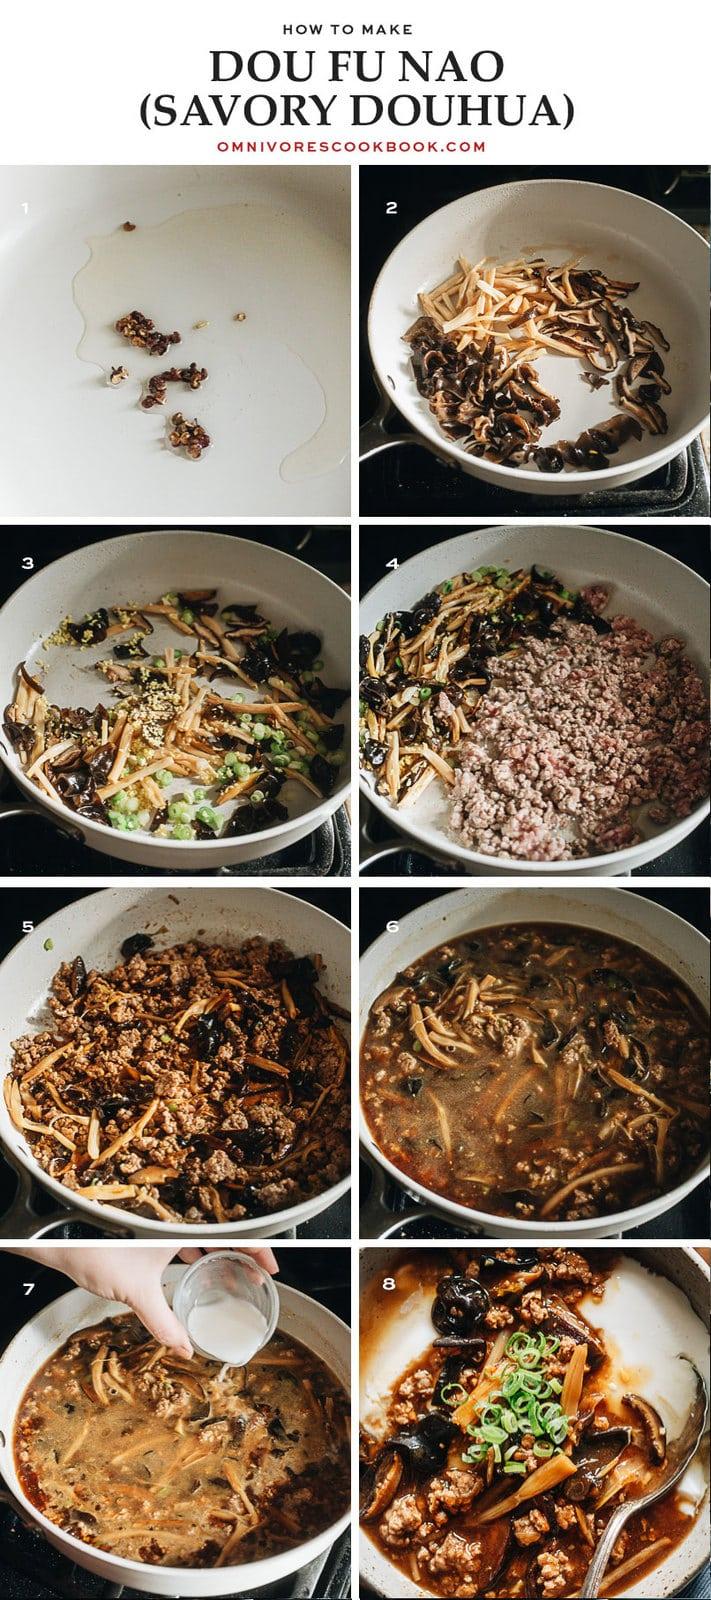 How to make Dou Fu Nao step-by-step